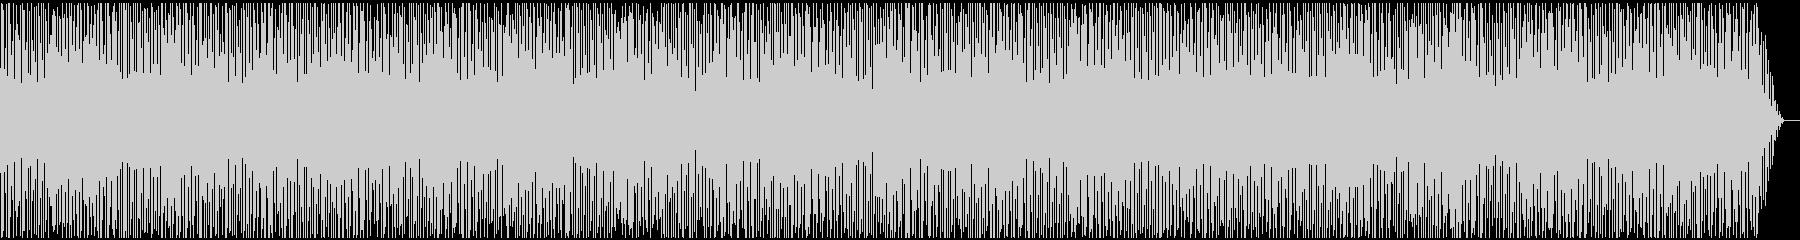 テンポのよい愉快なBGMの未再生の波形